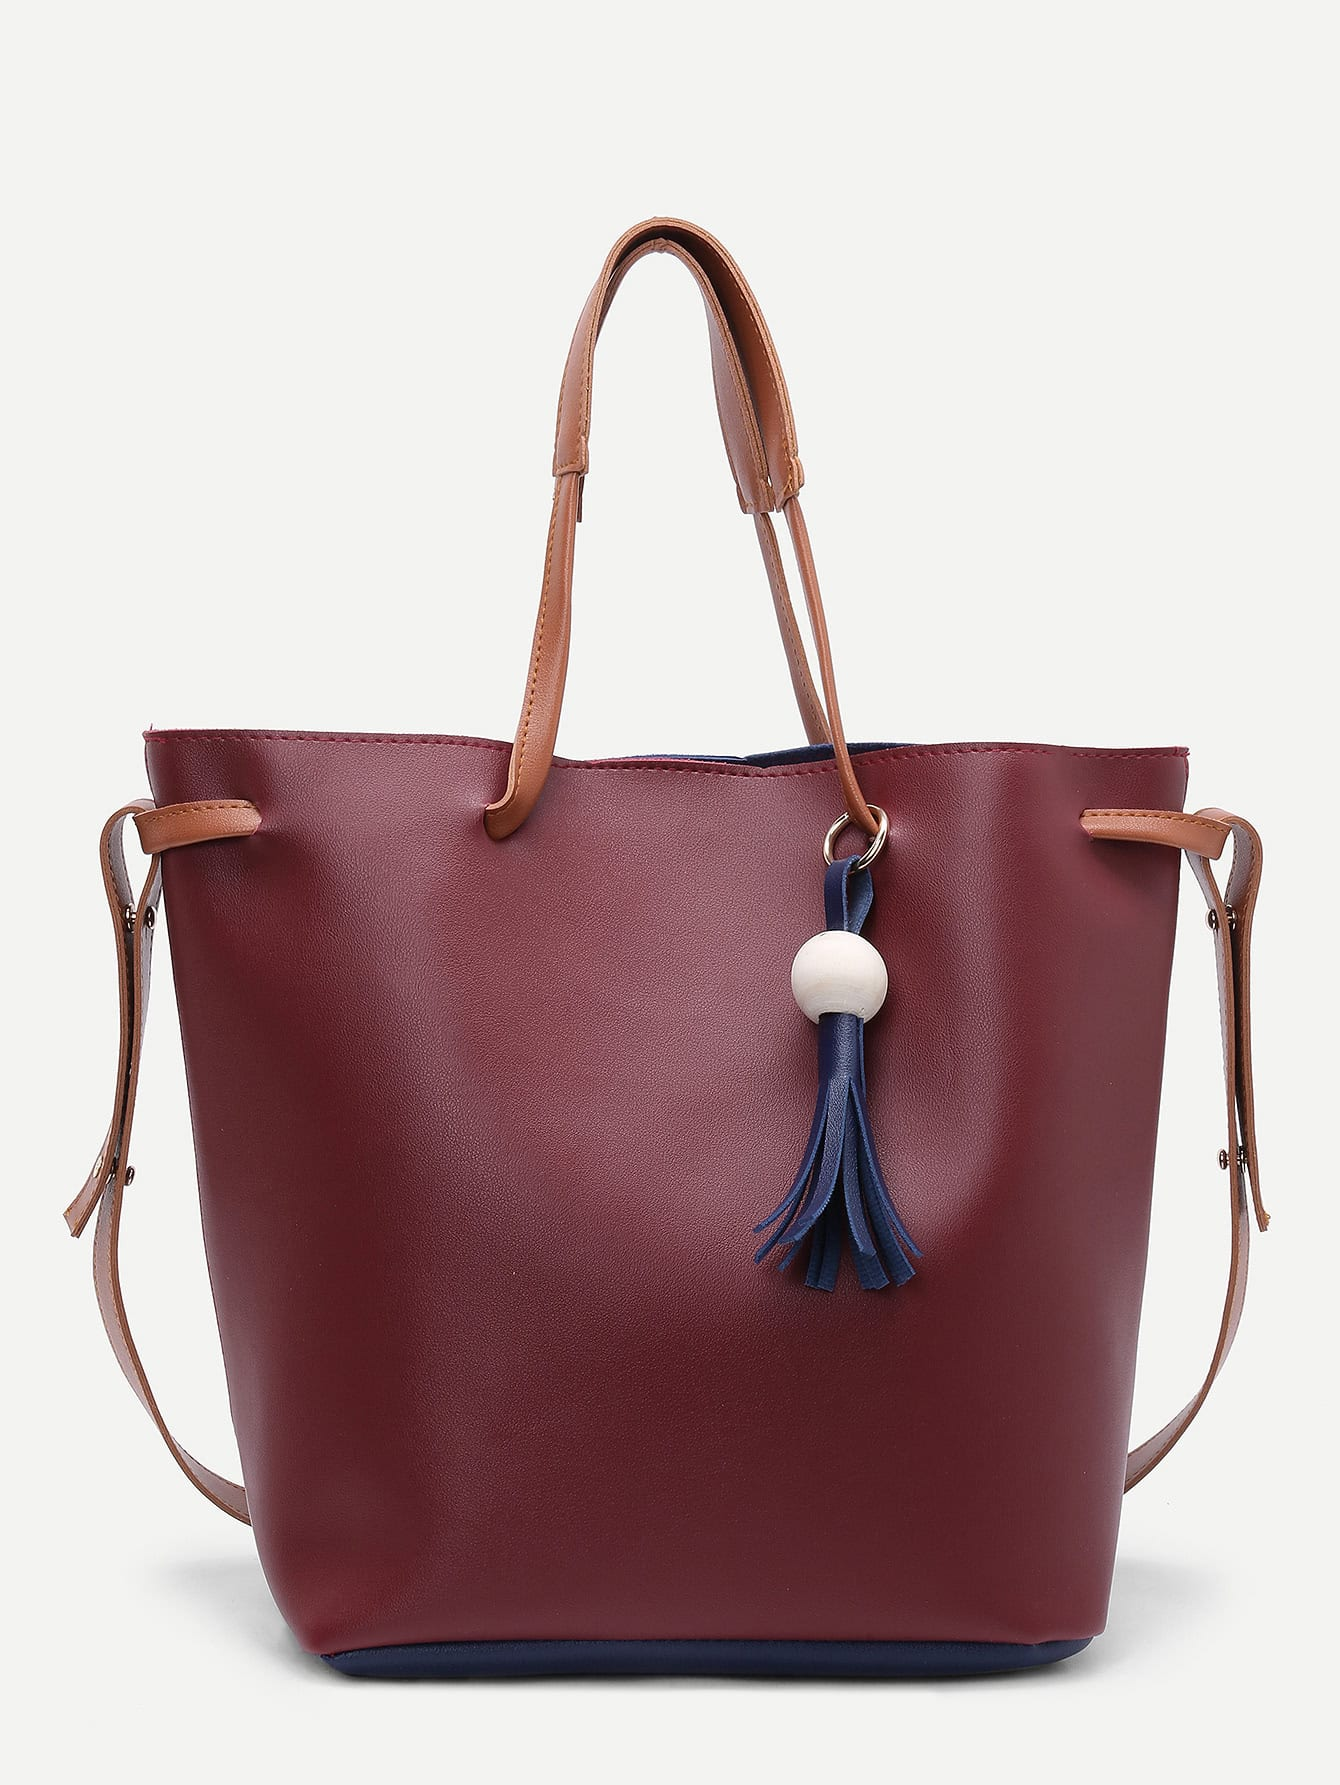 Tassel Detail PU Shoulder Bag With Clutch tassel detail pu shoulder bag